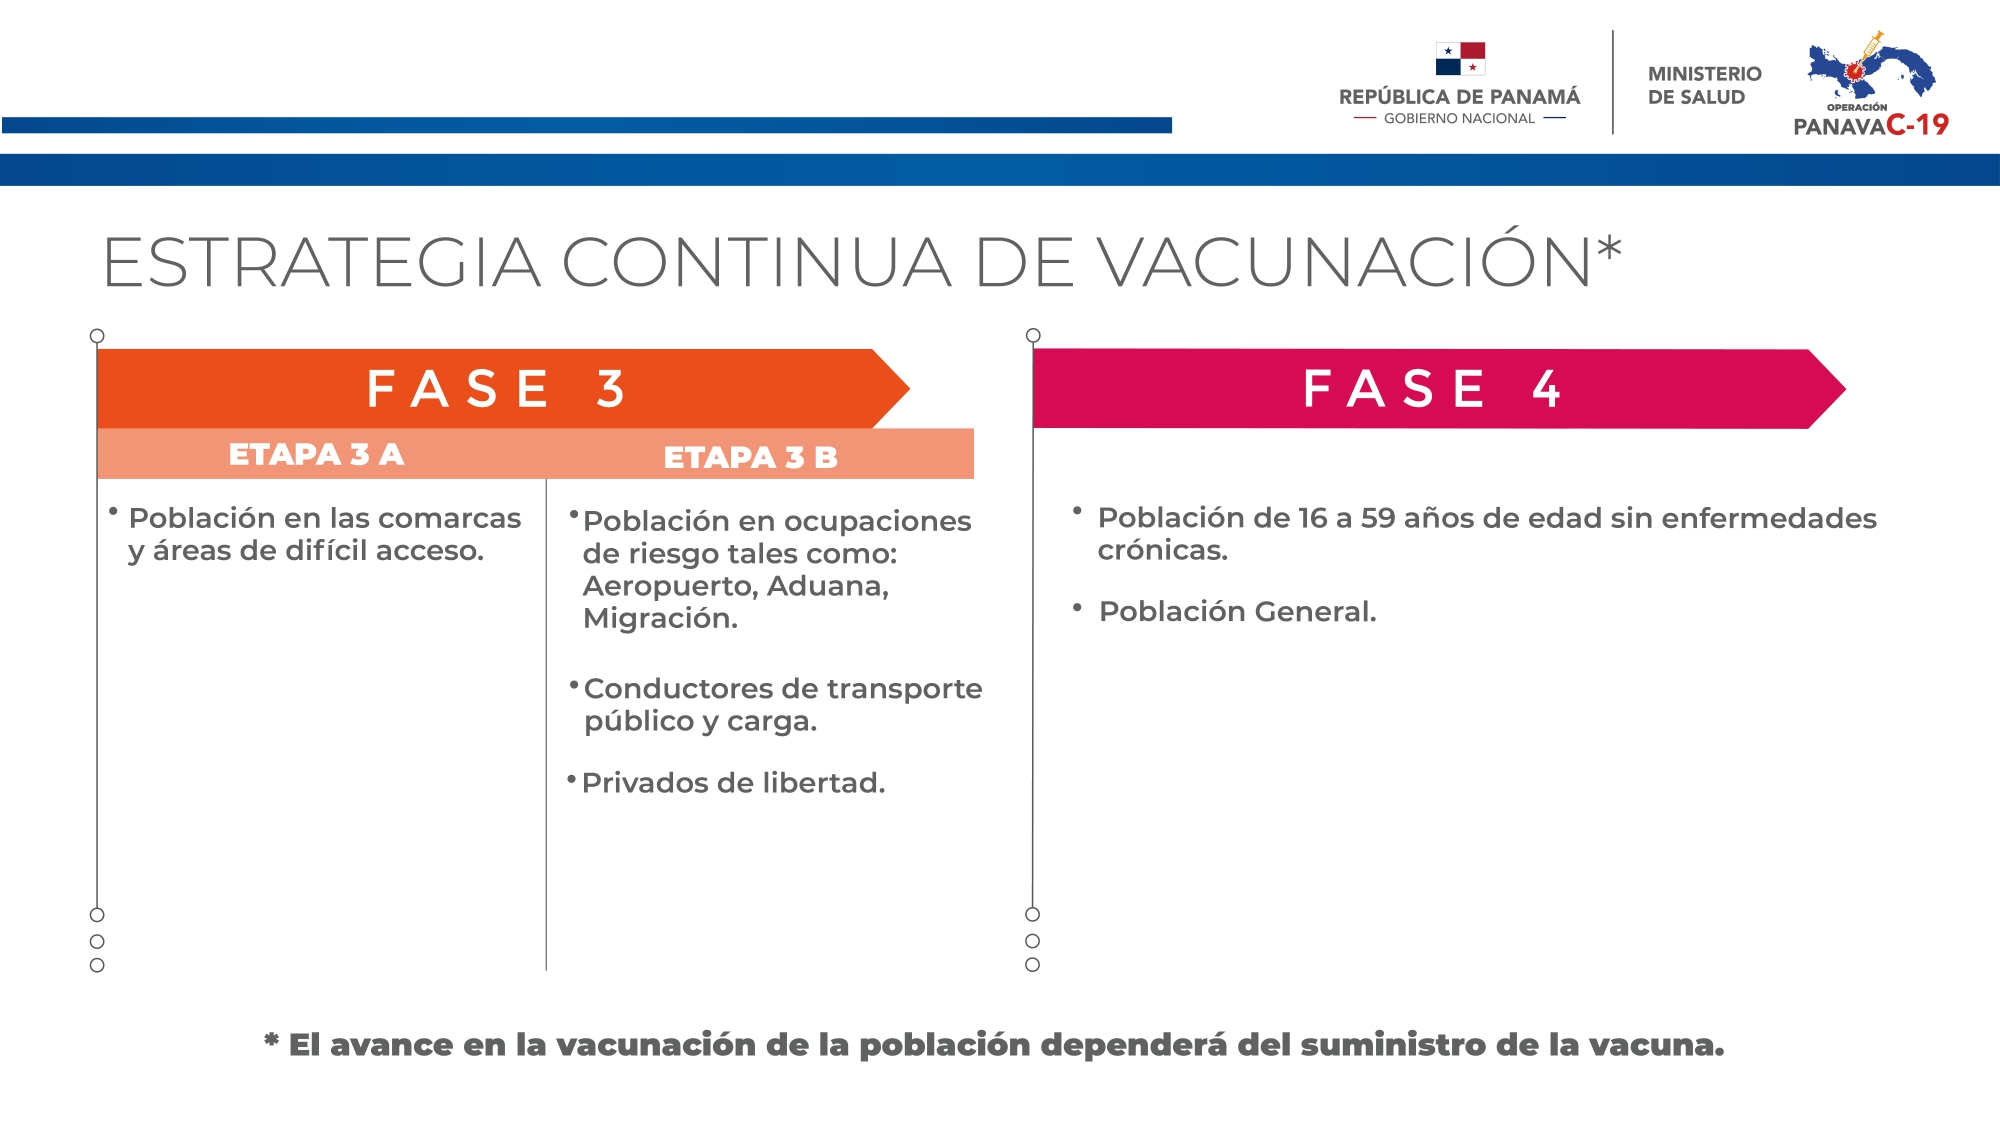 PLAN NACIONAL DE VACUNACIÓN _ 12 Enero_page-0004